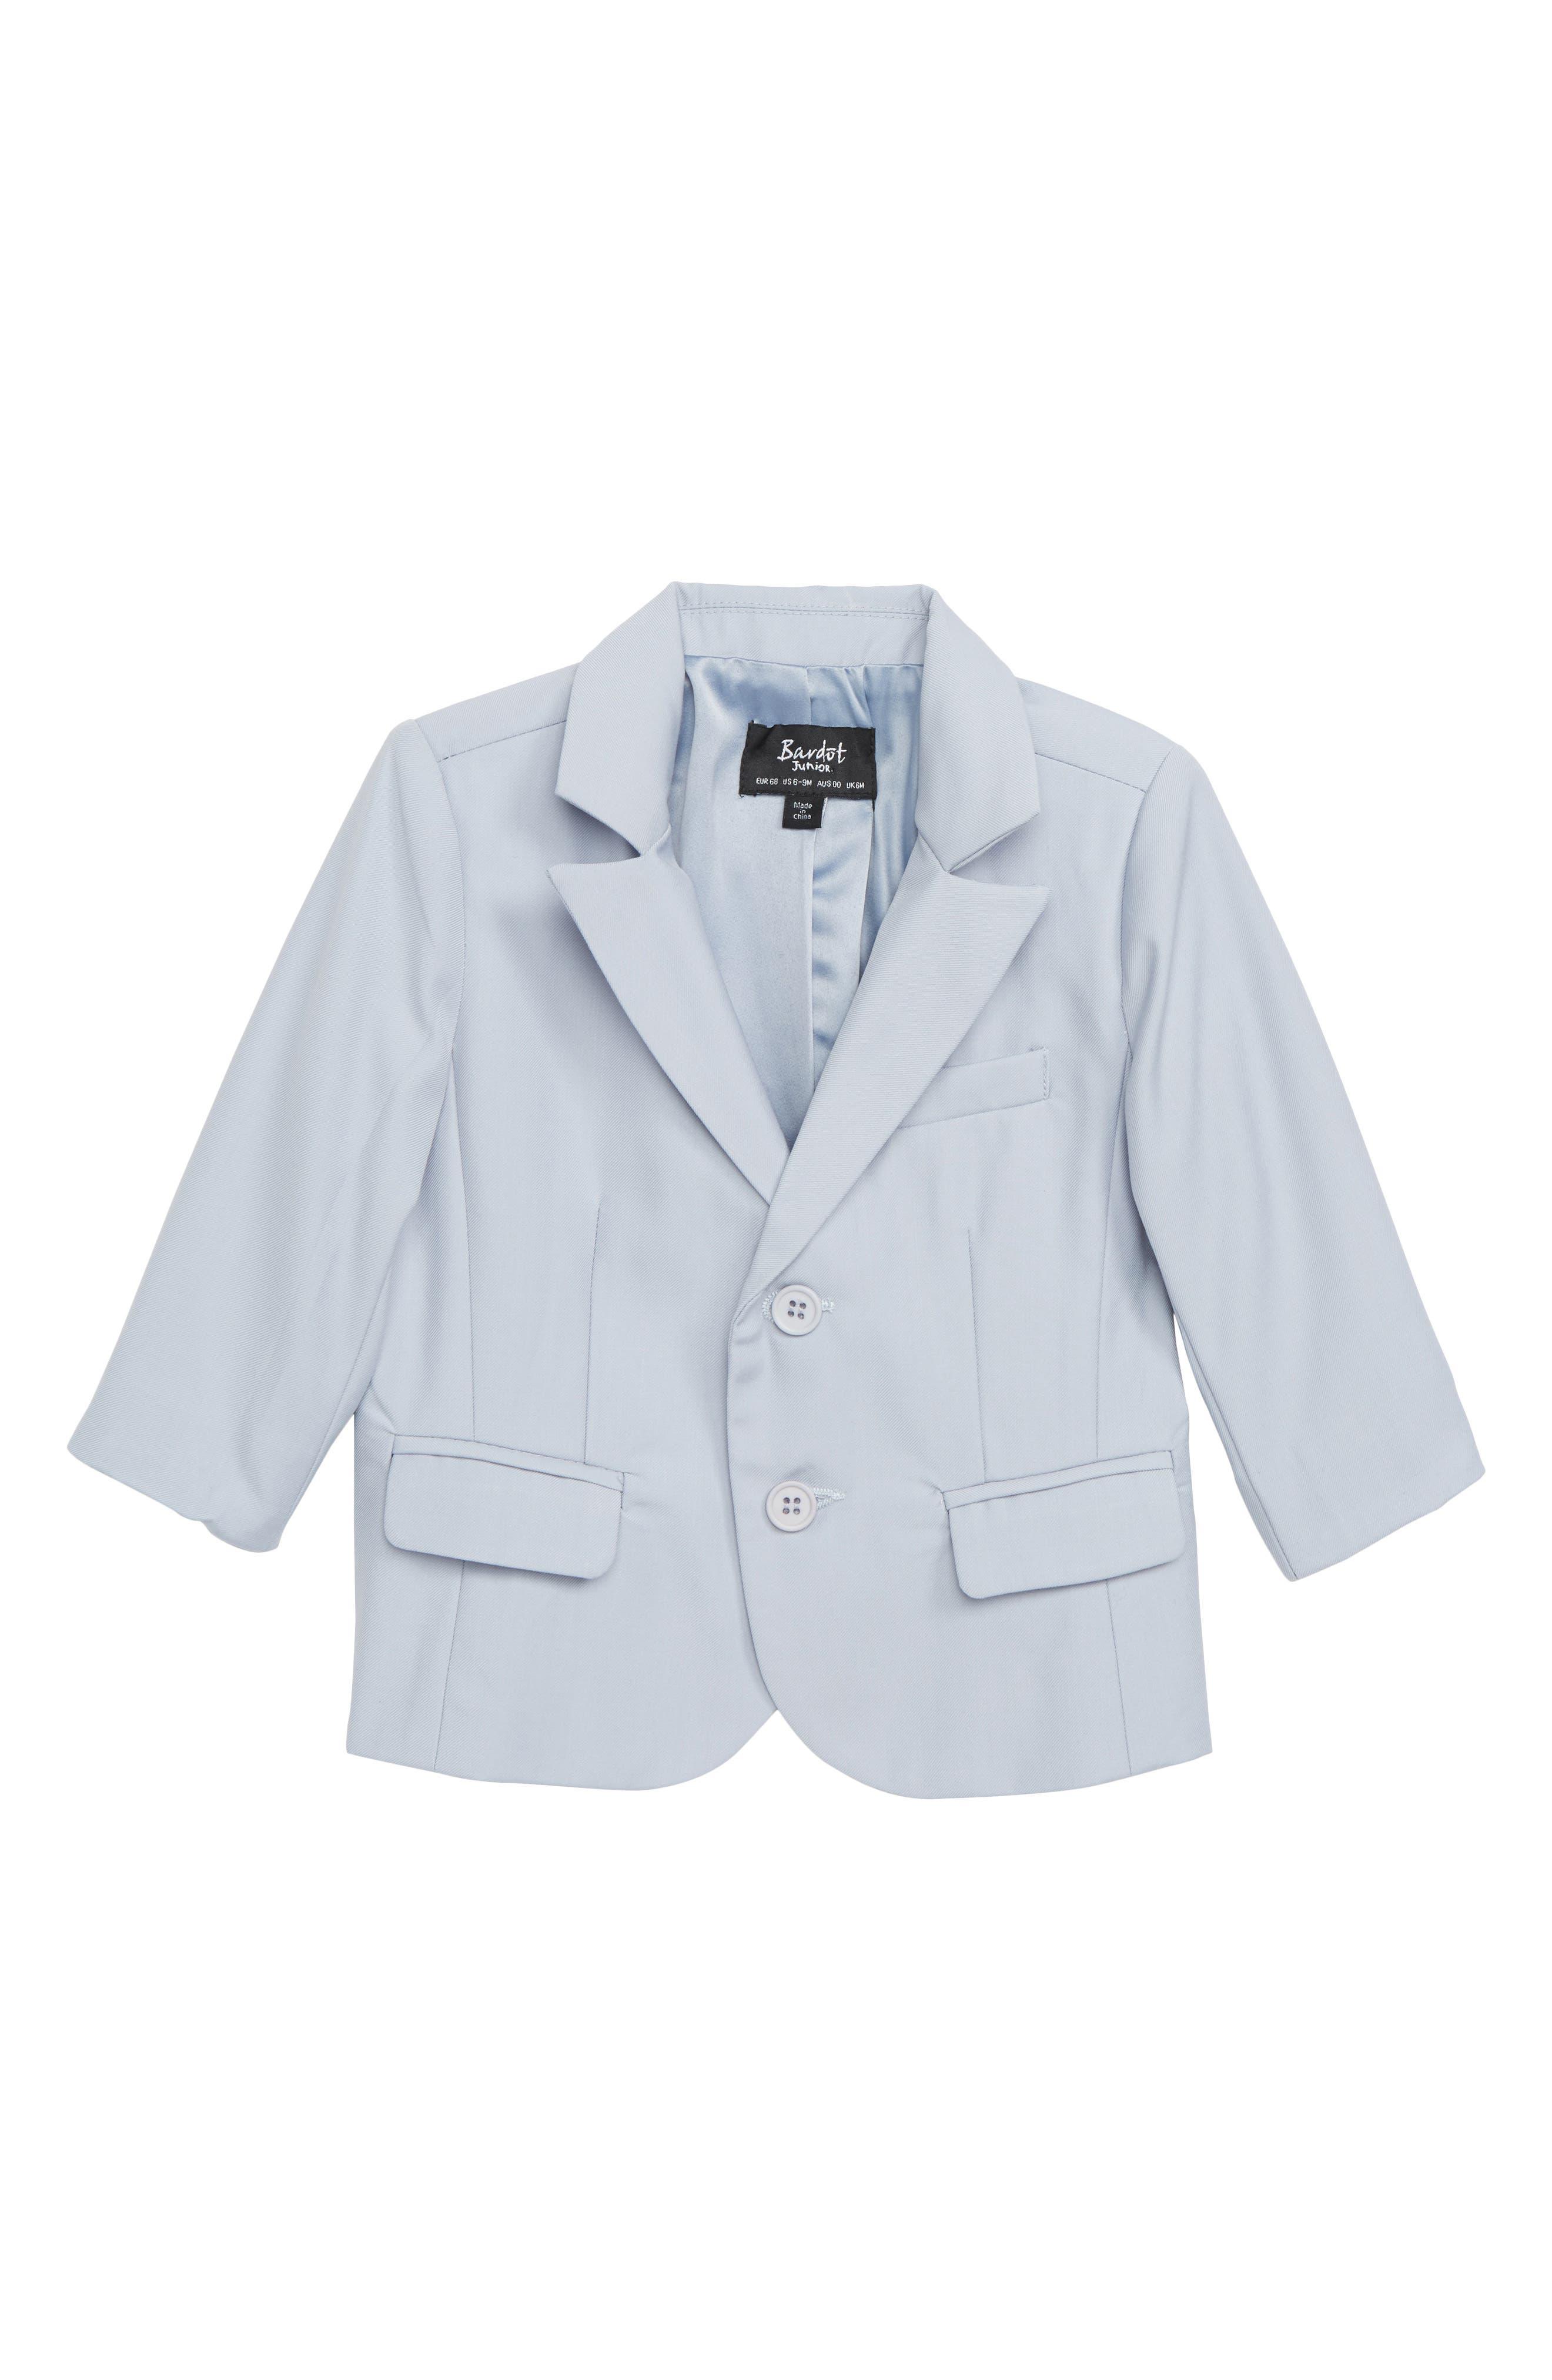 Toddler Boys Bardot Junior Harry Suit Jacket Size 1218M US  1 AUS  Blue